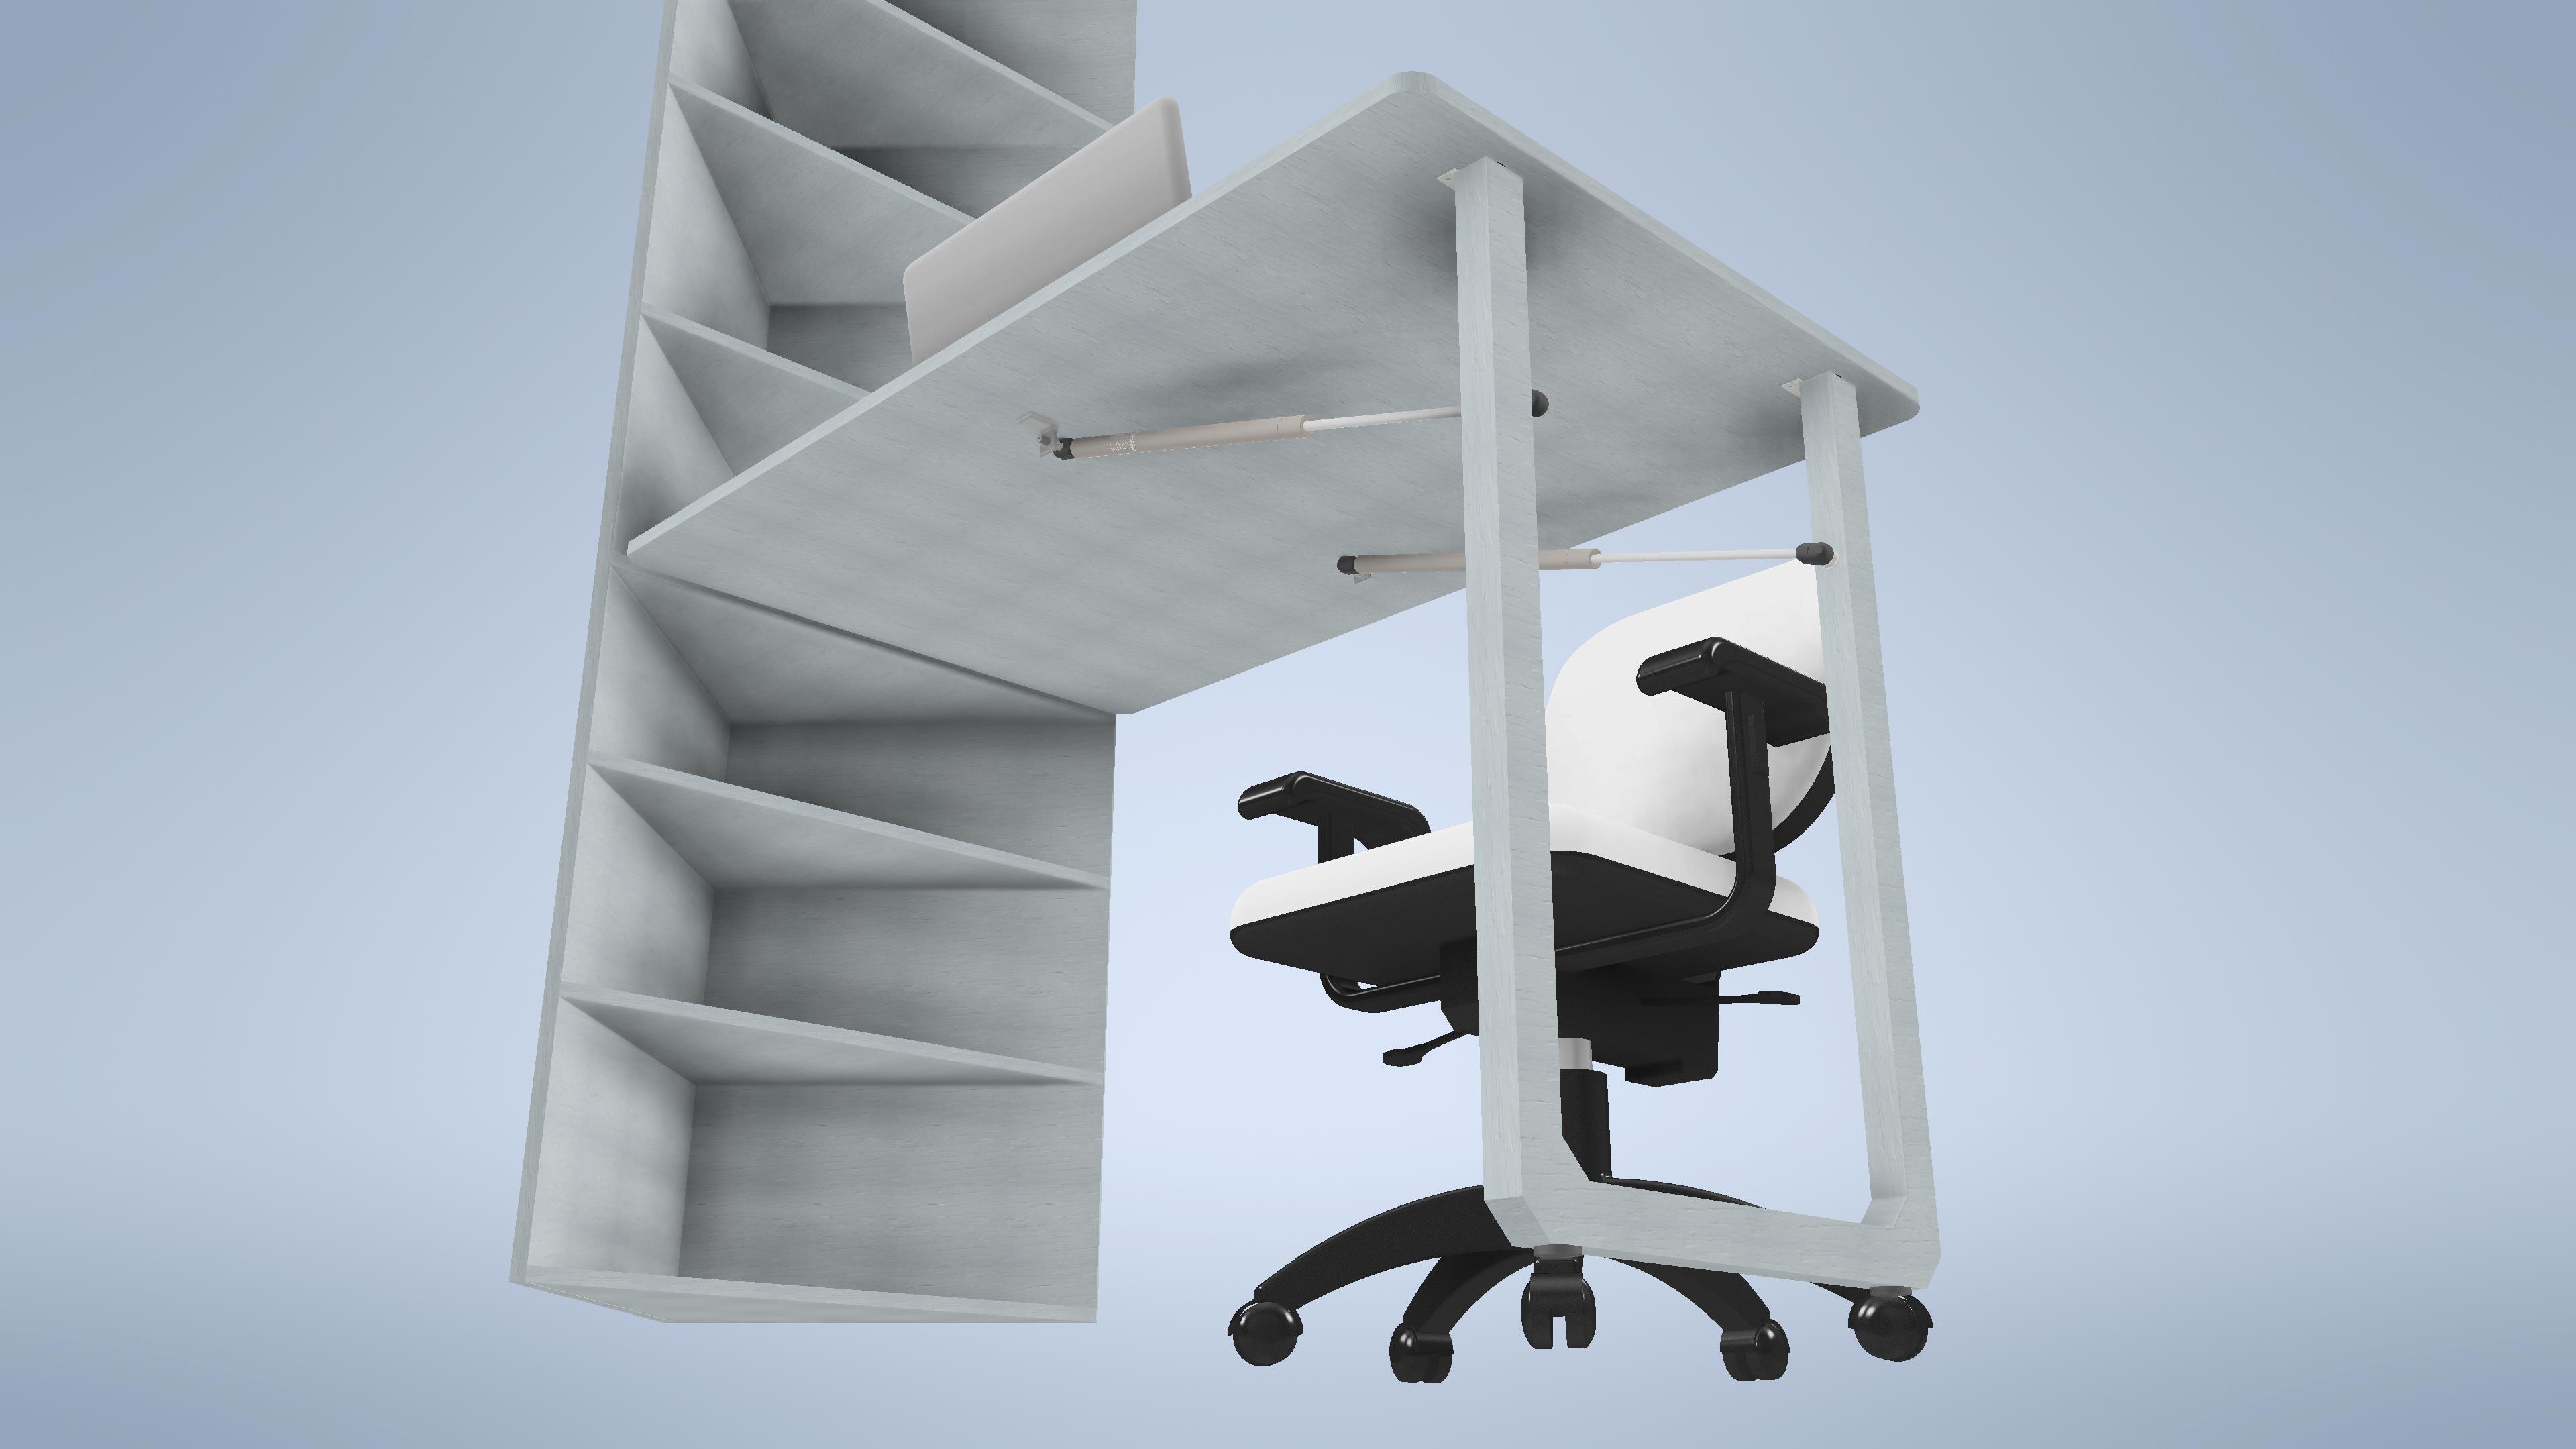 可伸缩办公座椅组合结构设计模型【inventor2019】.rar